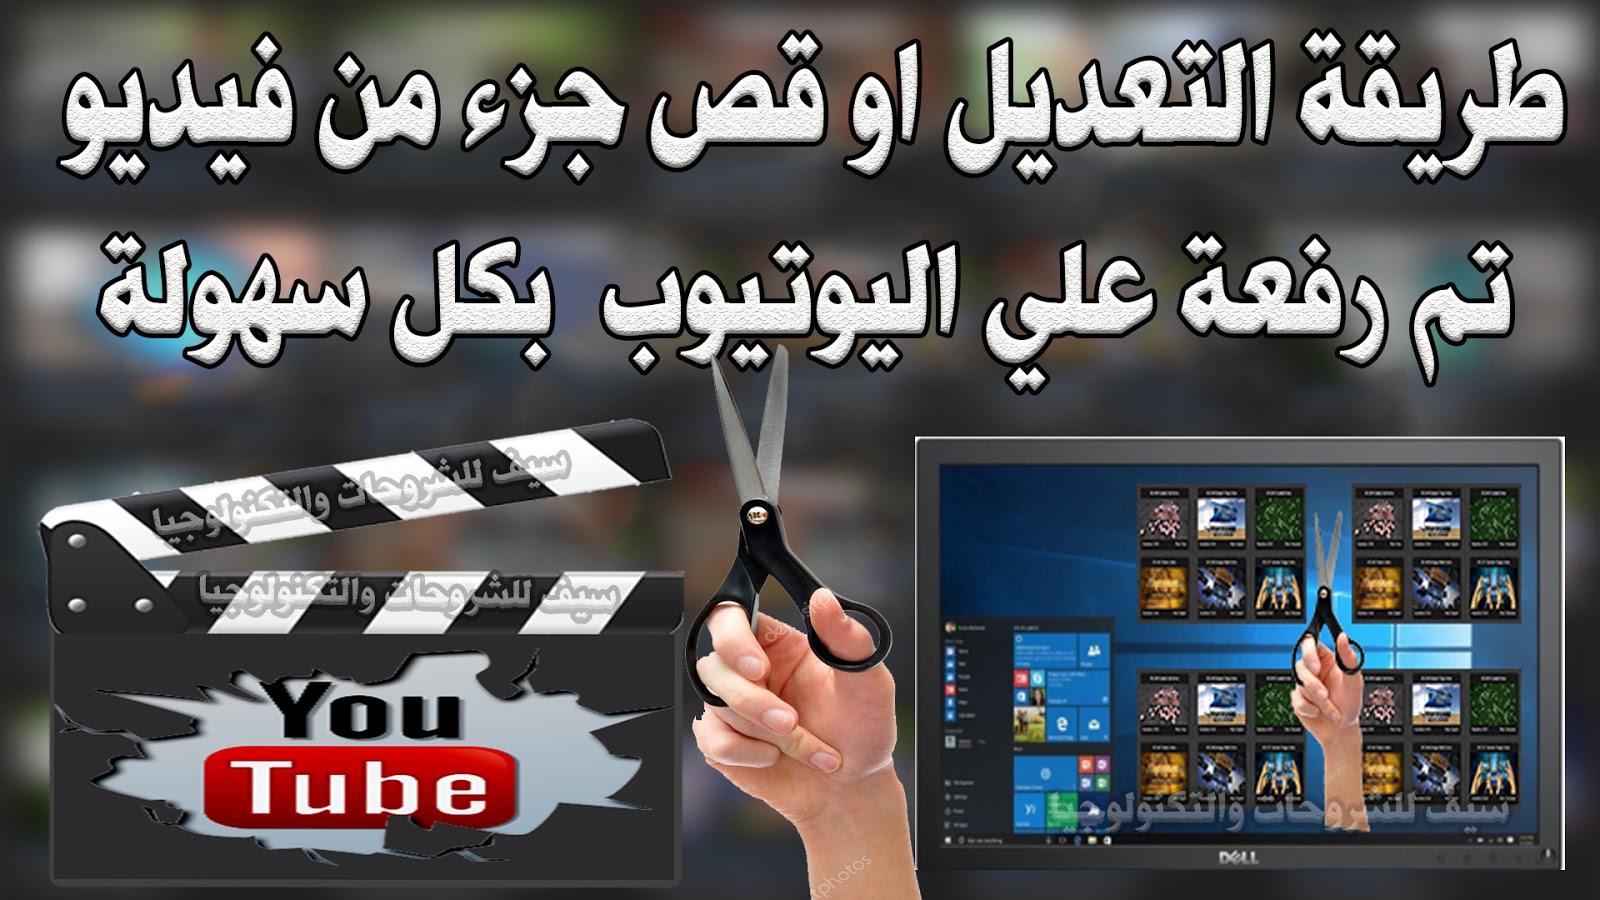 التعديل علي الفيديوهات,قص جزء من فيديو علي اليوتيوب,تخطي مخالفة حقوق الطبع والنشر ,حذف فيديو علي اليوتيوب ,تجنب مخالفات ارشادات المنتدي,اليوتيوب